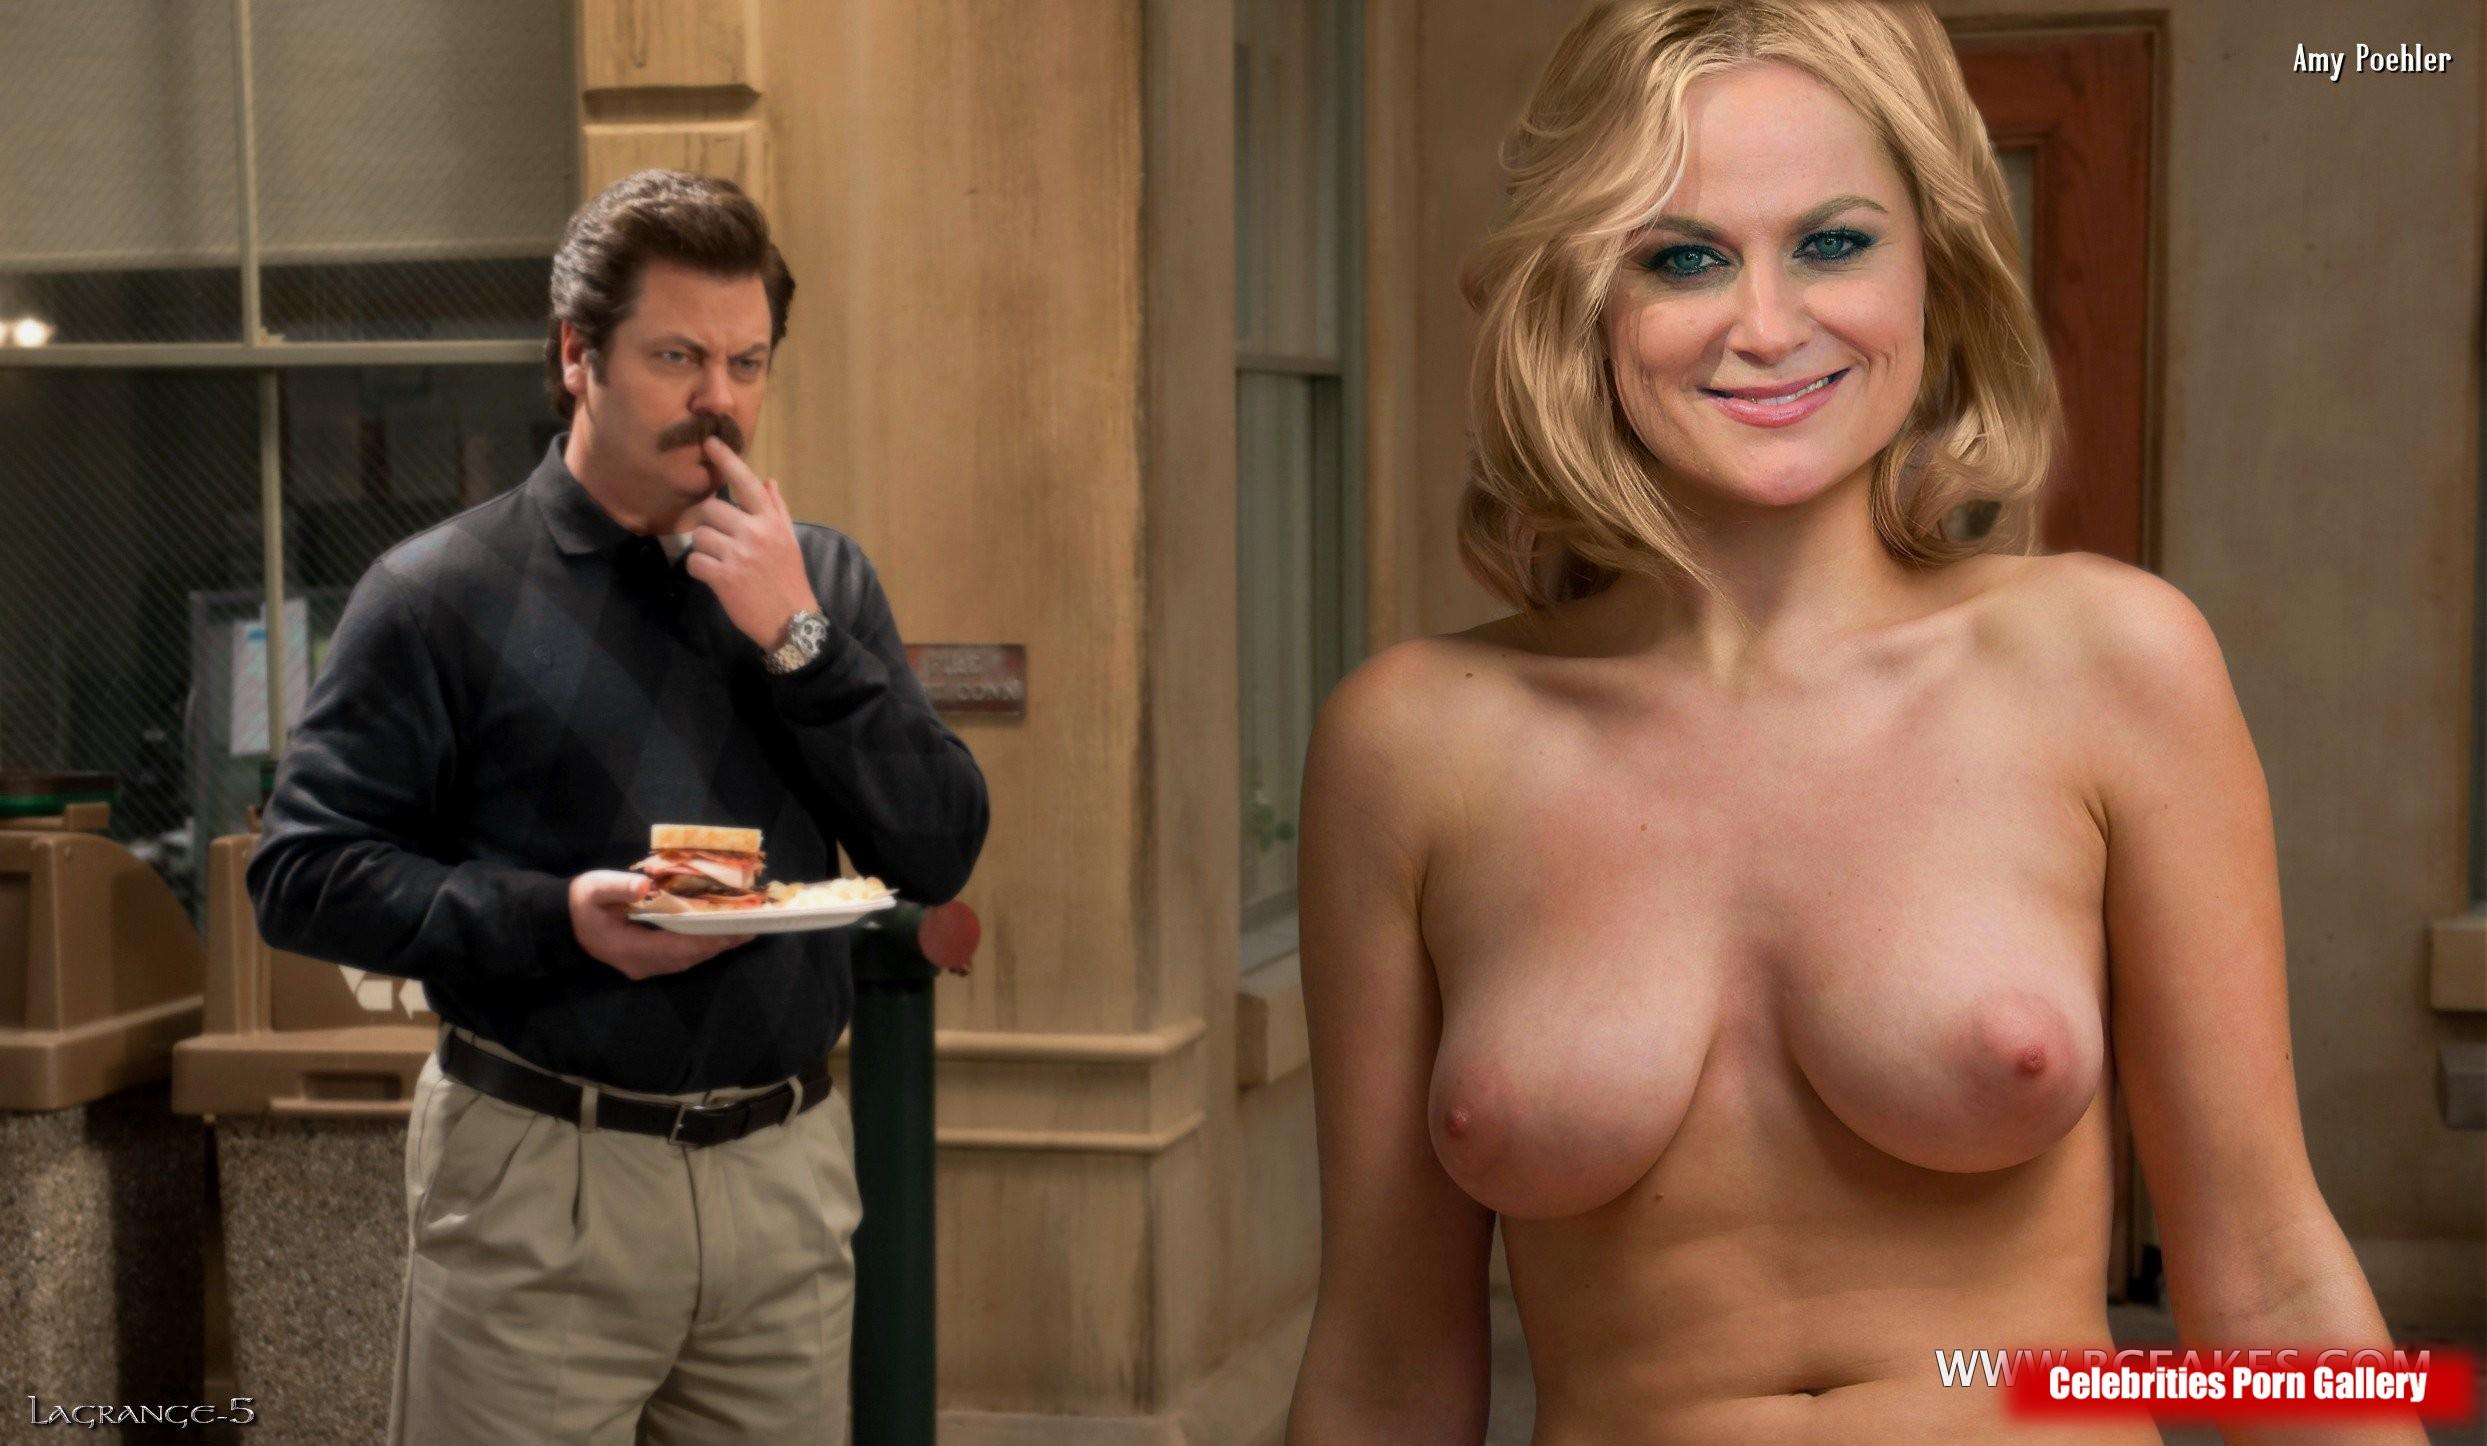 Amy Poehler Naked amy poehler nude celeb pics » amy-poehler-celebrity-nude